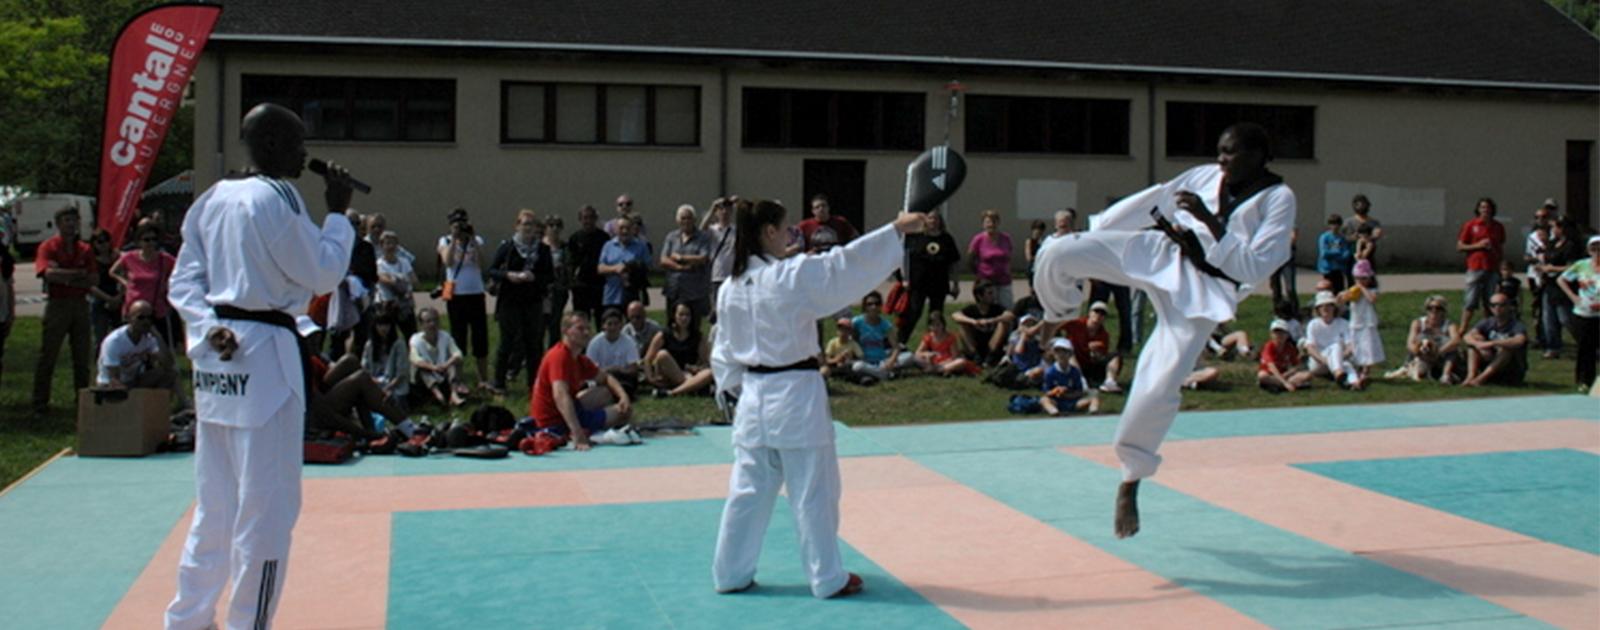 Partage mon taekwondo avec Gwladys Epangue